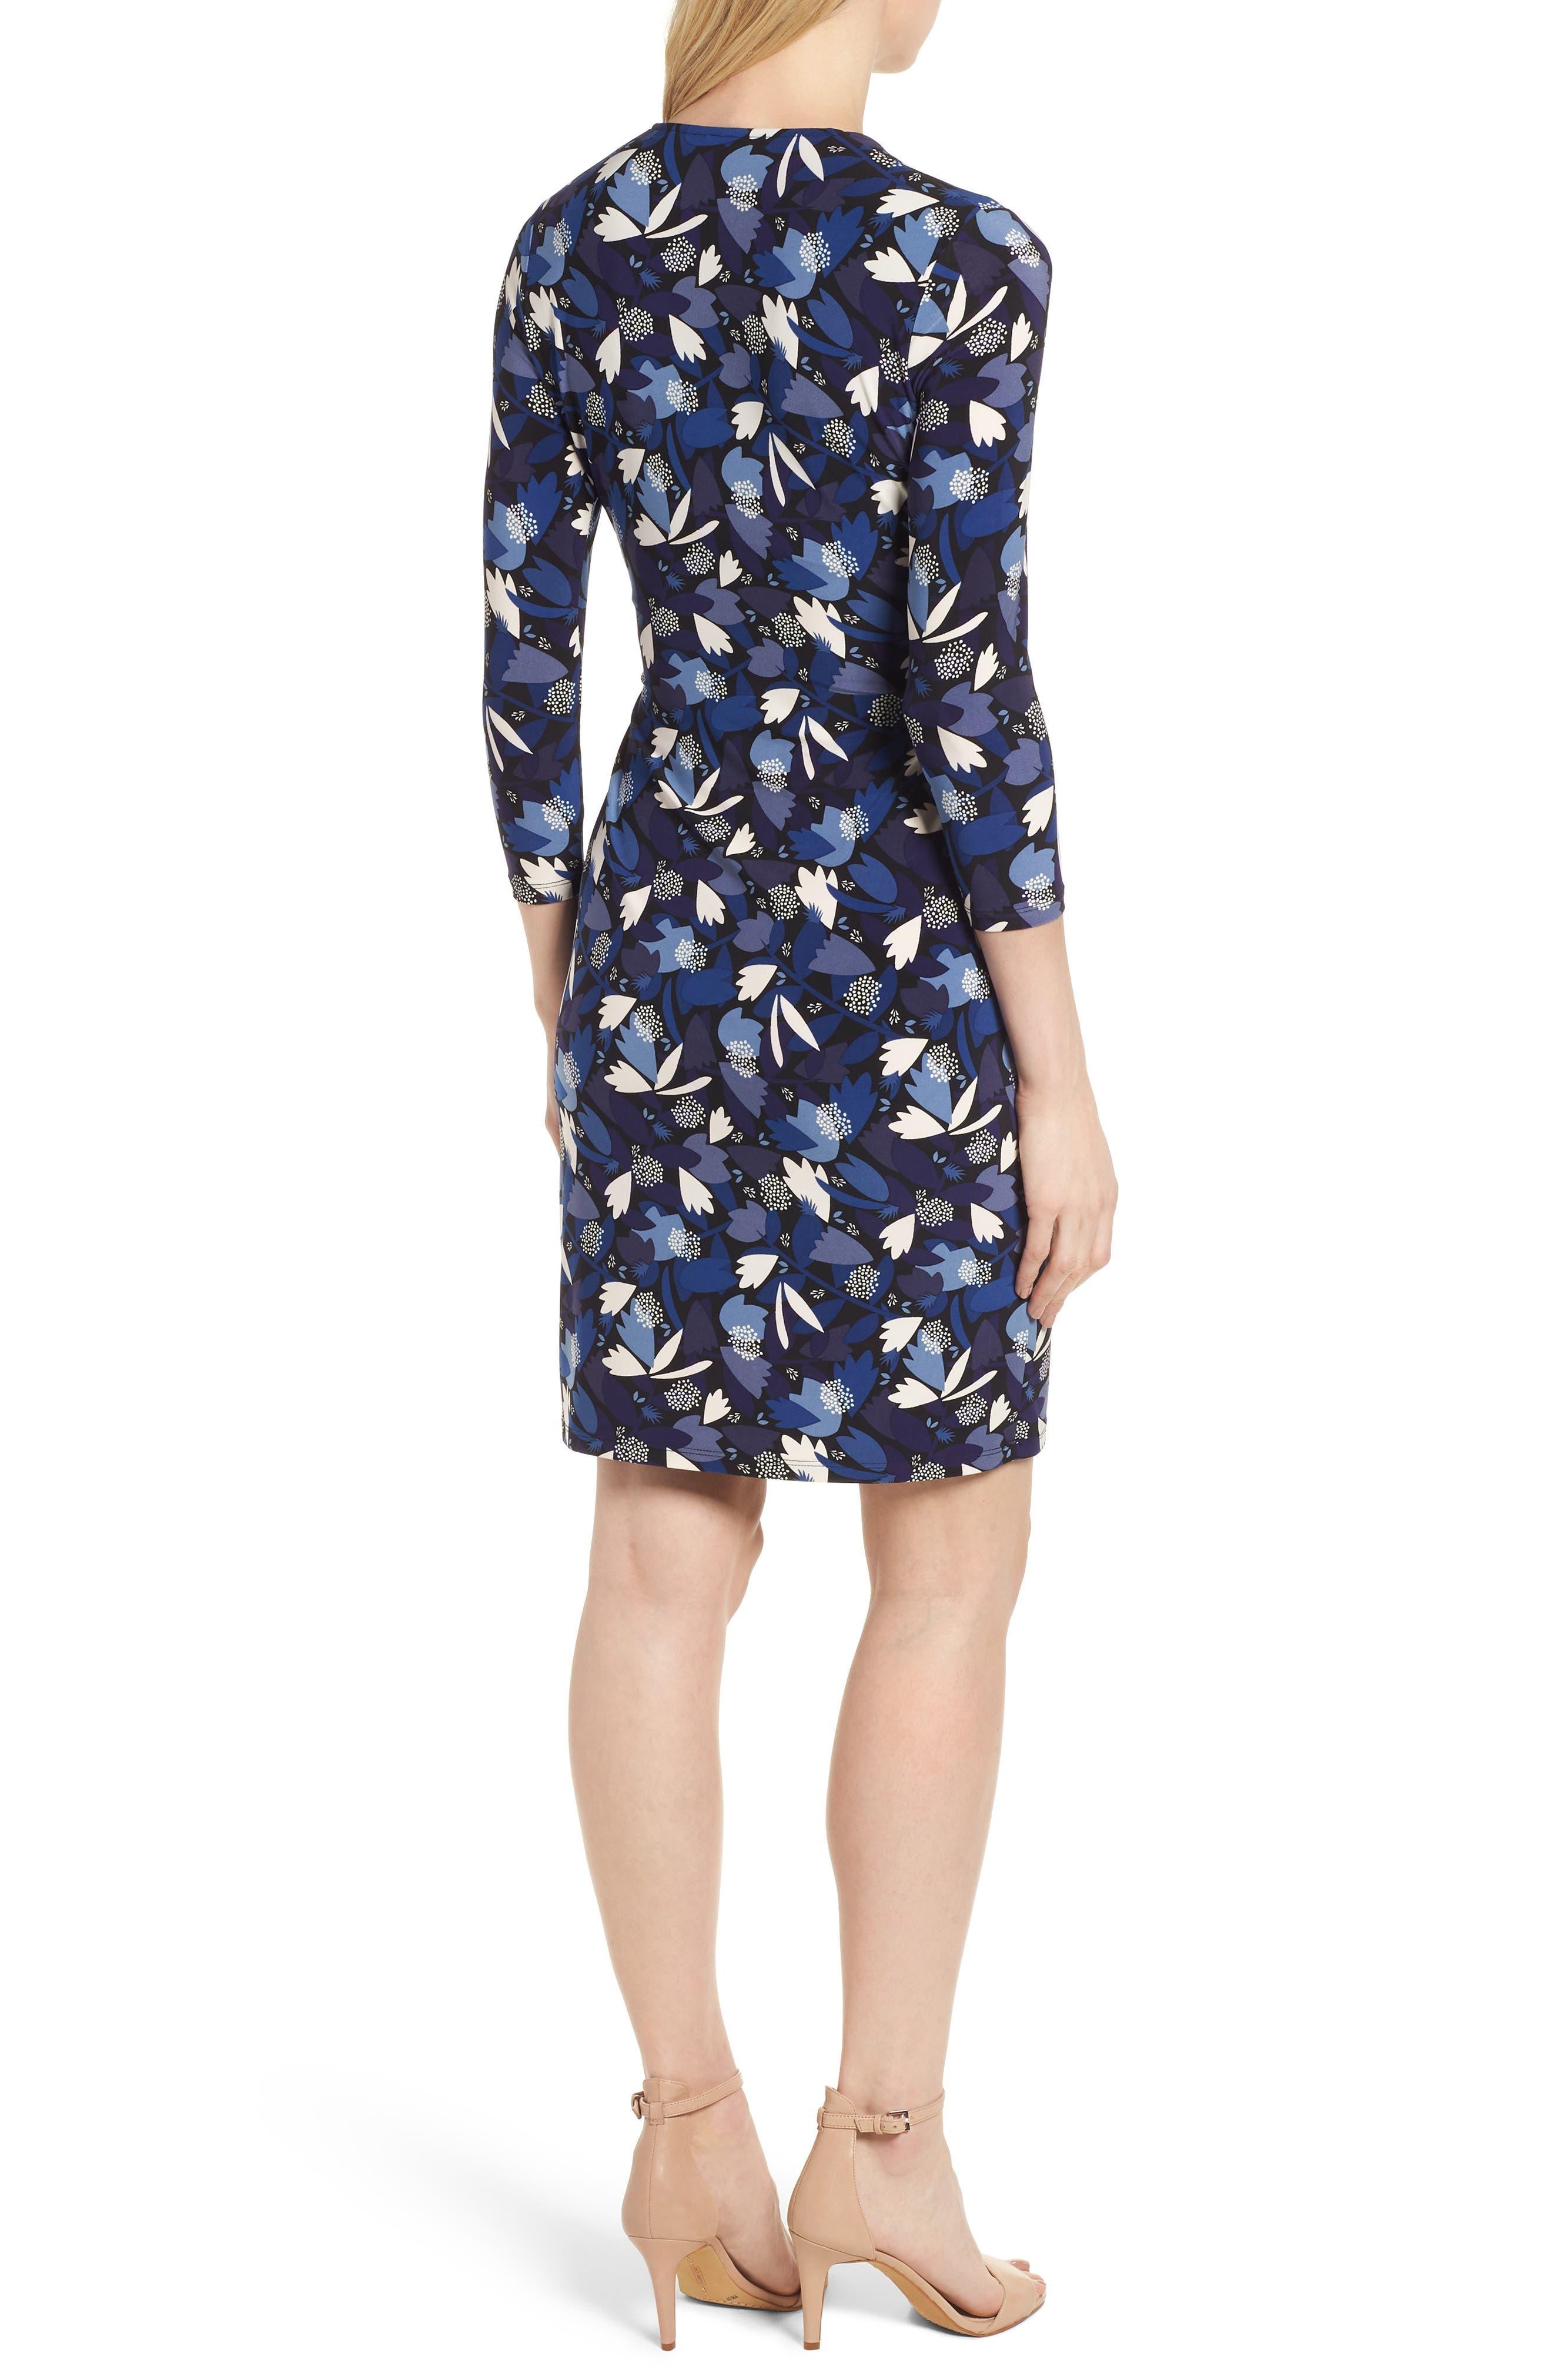 New York Amalfi Print Classic Wrap Dress,                             Alternate thumbnail 2, color,                             Black/ Monaco Combo